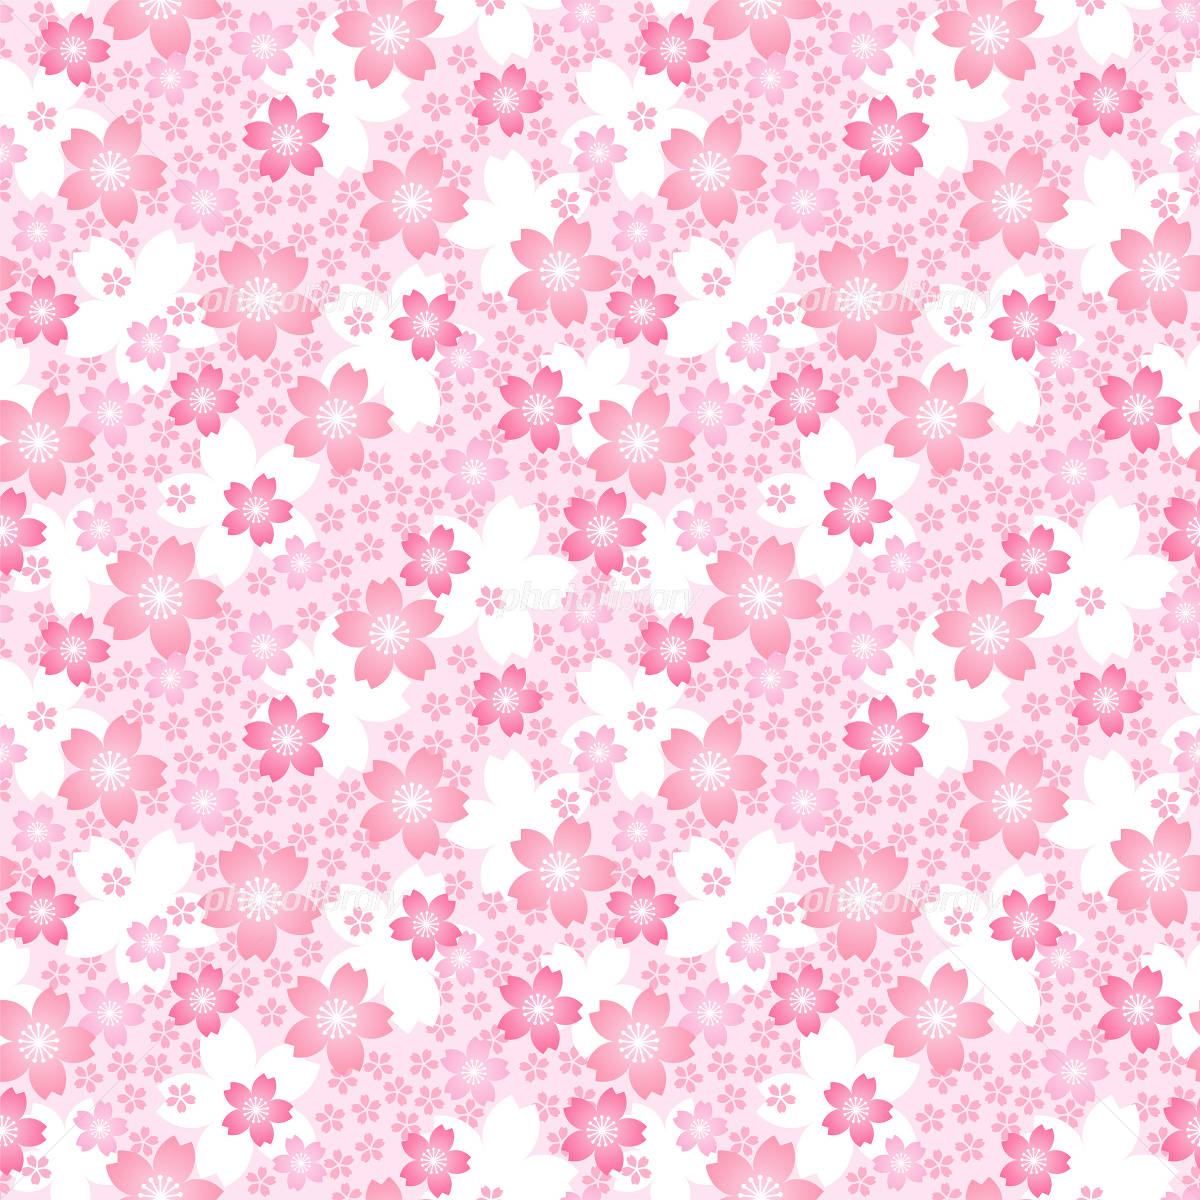 桜 壁紙 イラスト素材 1237634 フォトライブラリー Photolibrary